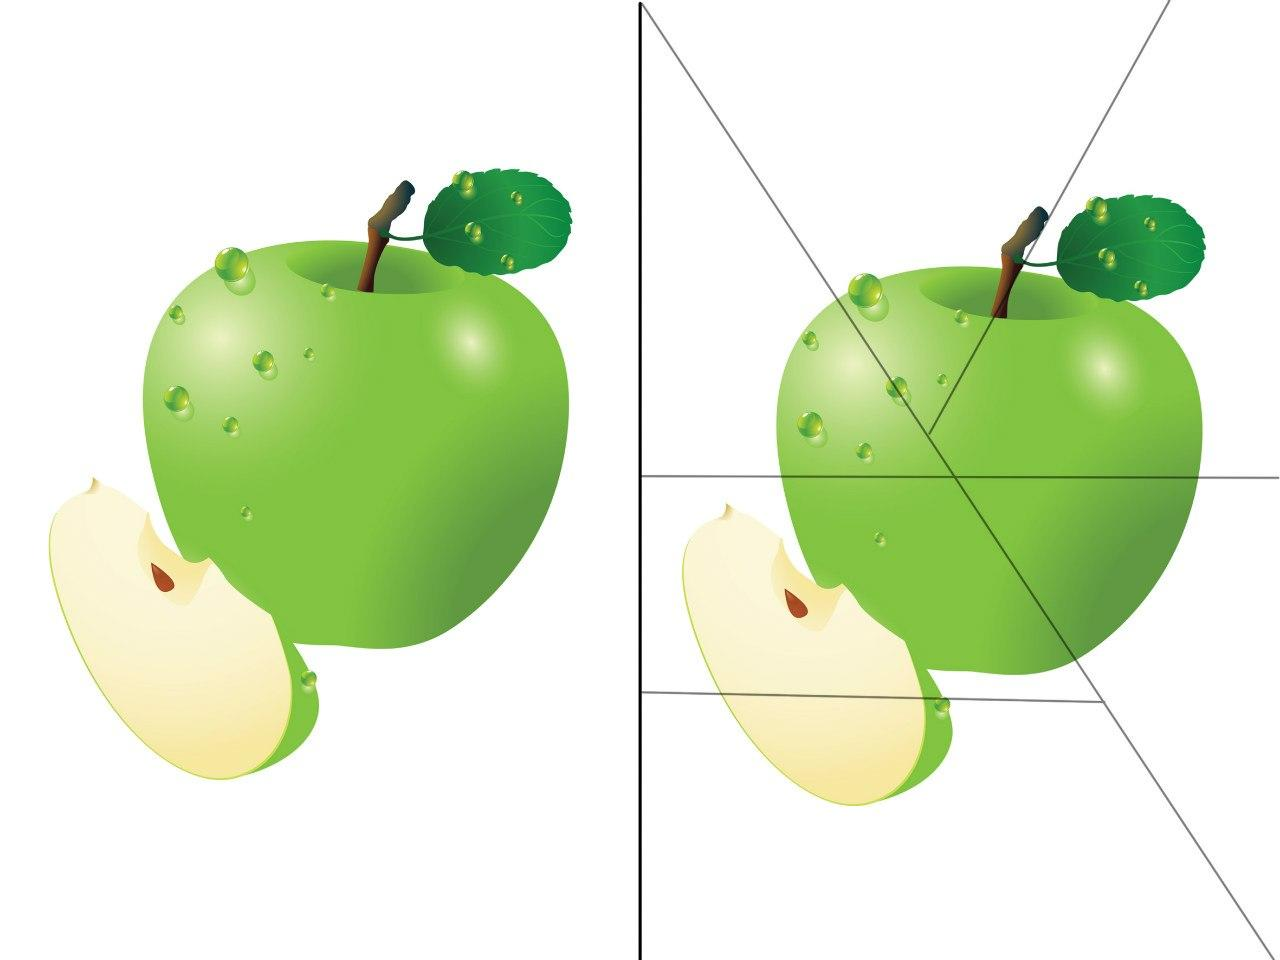 разрезные картинки на дереве фрукты радость